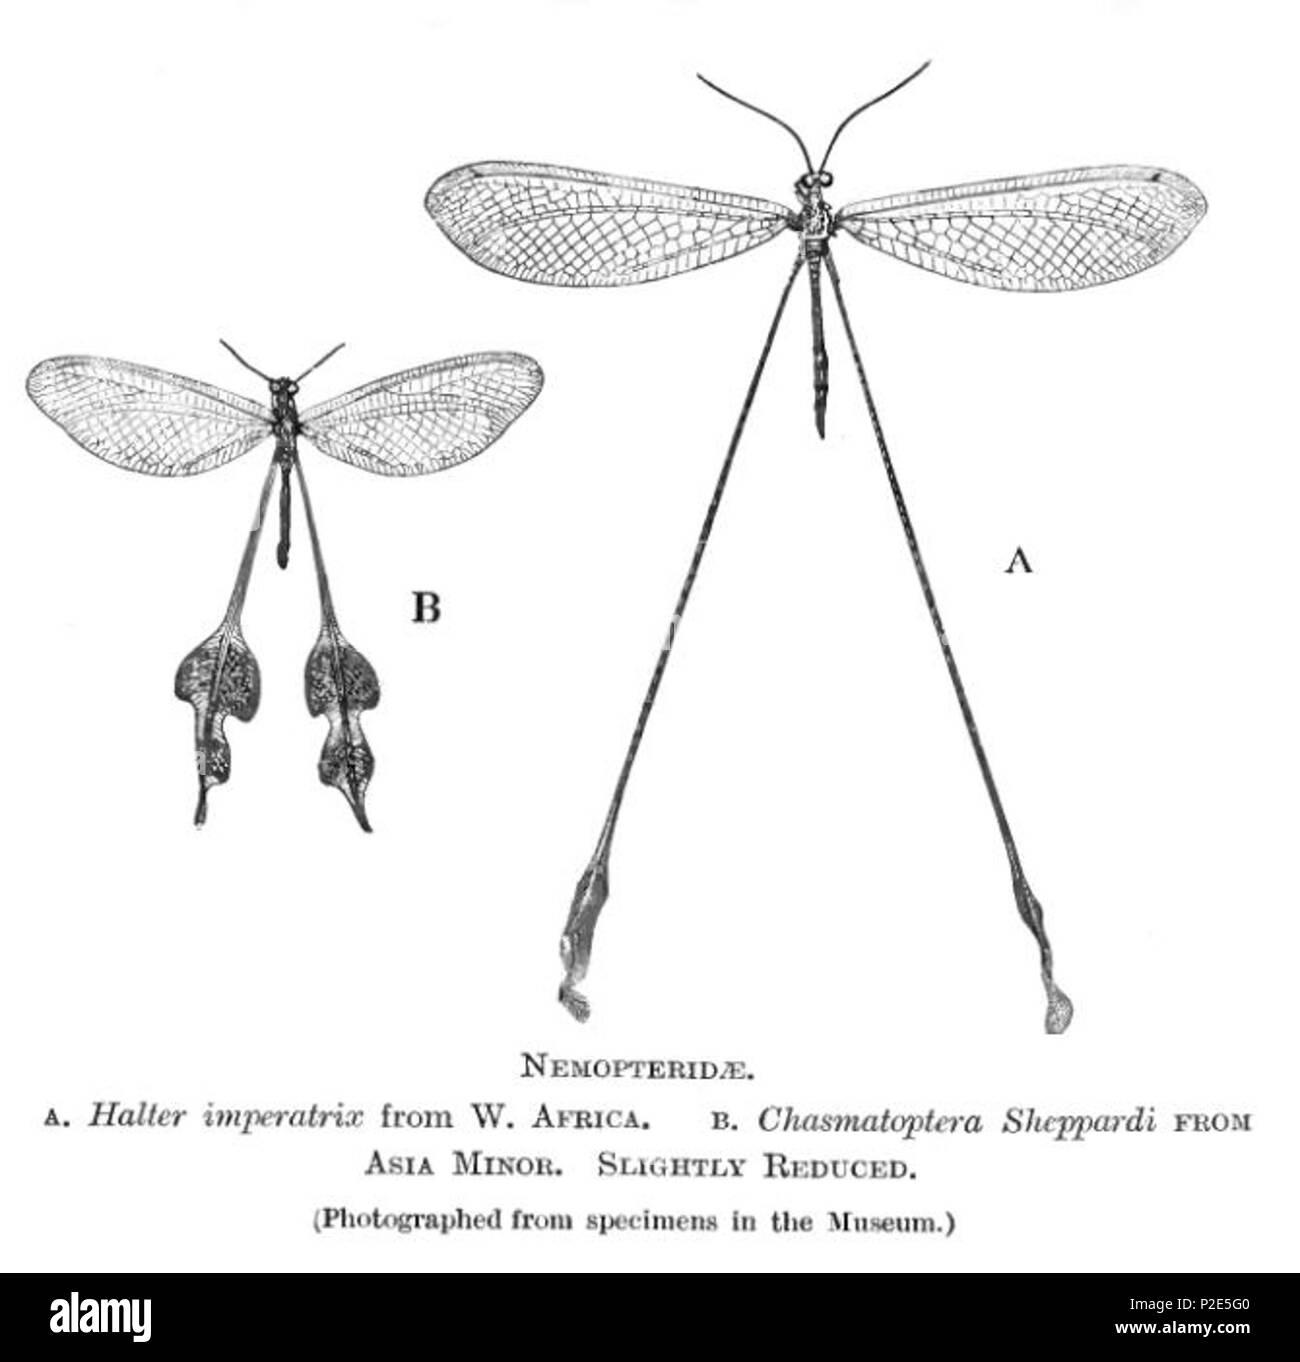 . Nemopteridae . 1909. British Museum of Natural History 36 NemopteridaeBMNH - Stock Image